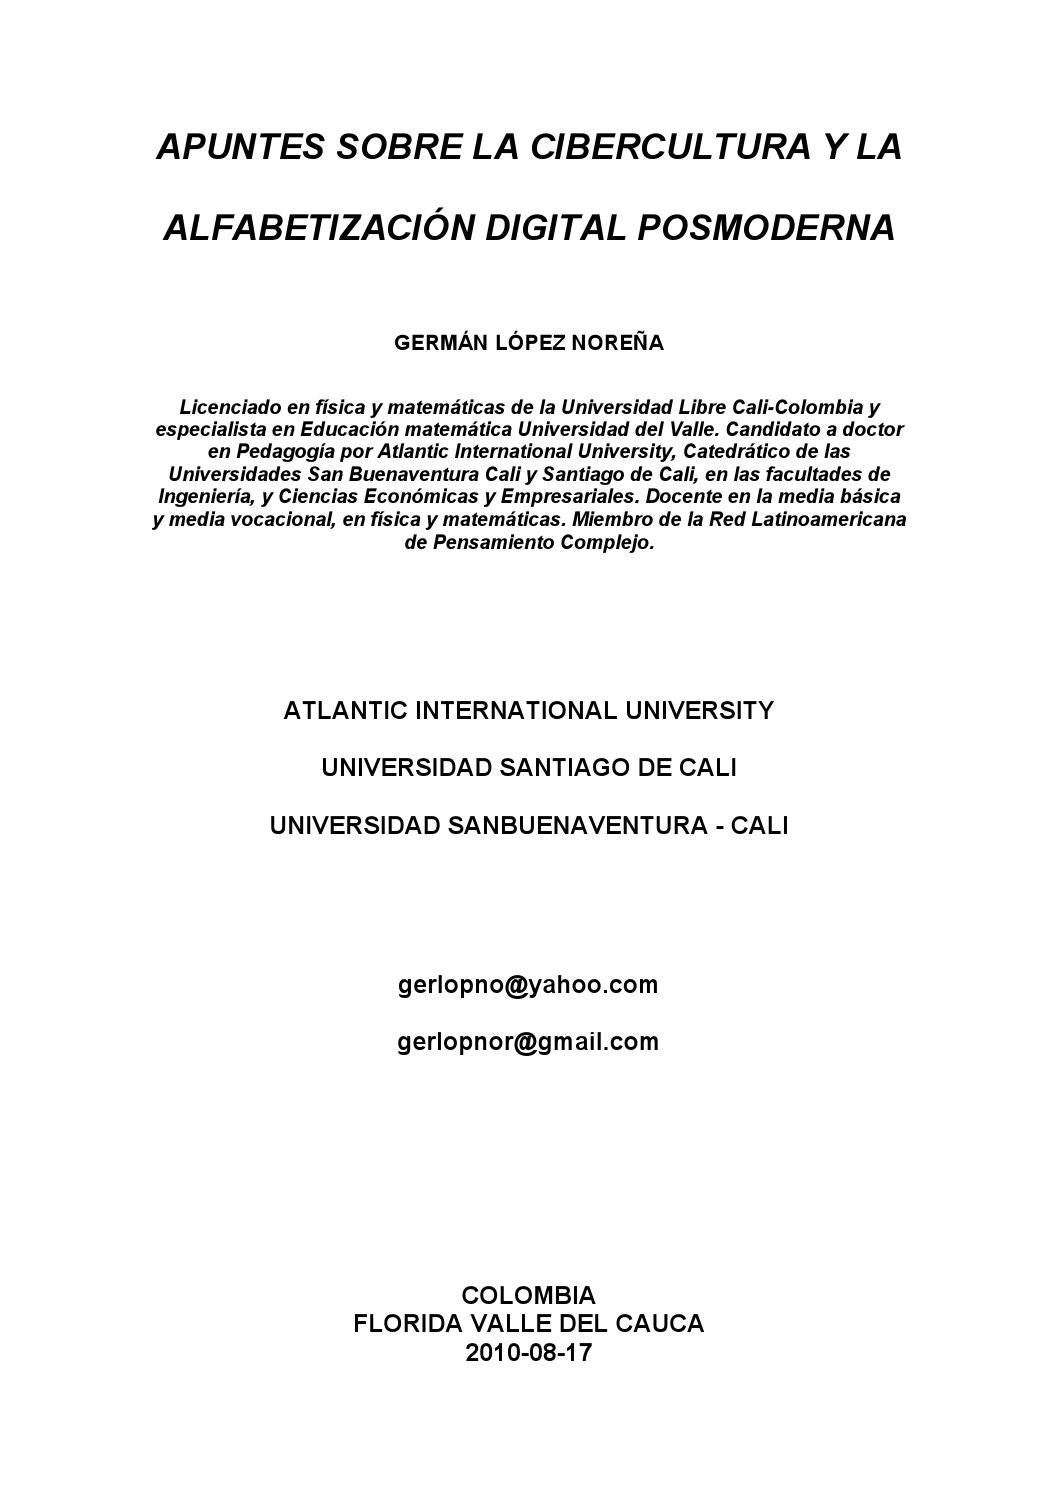 Apuntes sobre la cibercultura y la alfabetizacion digital posmoderna ...